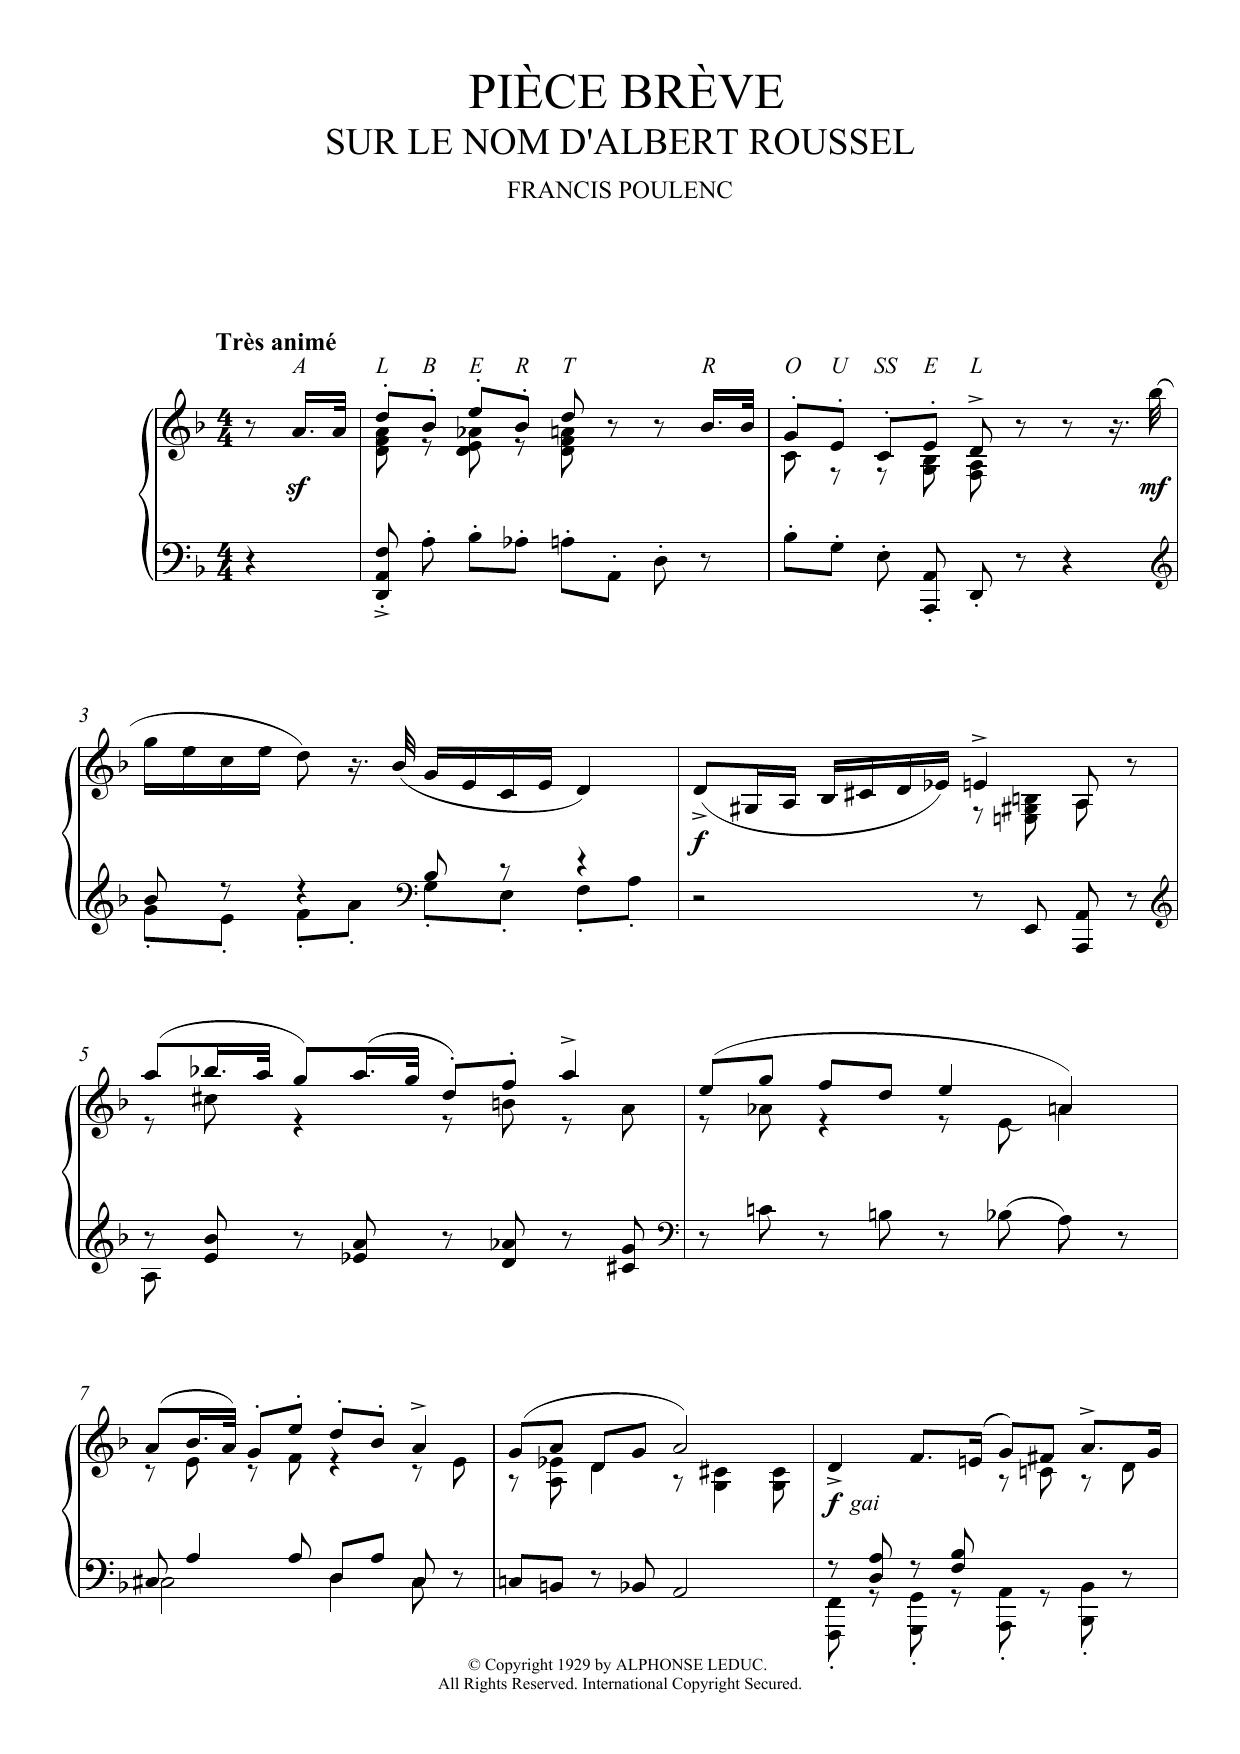 Francis Poulenc - Piece Breve Sur Le Nom D'Albert Roussel